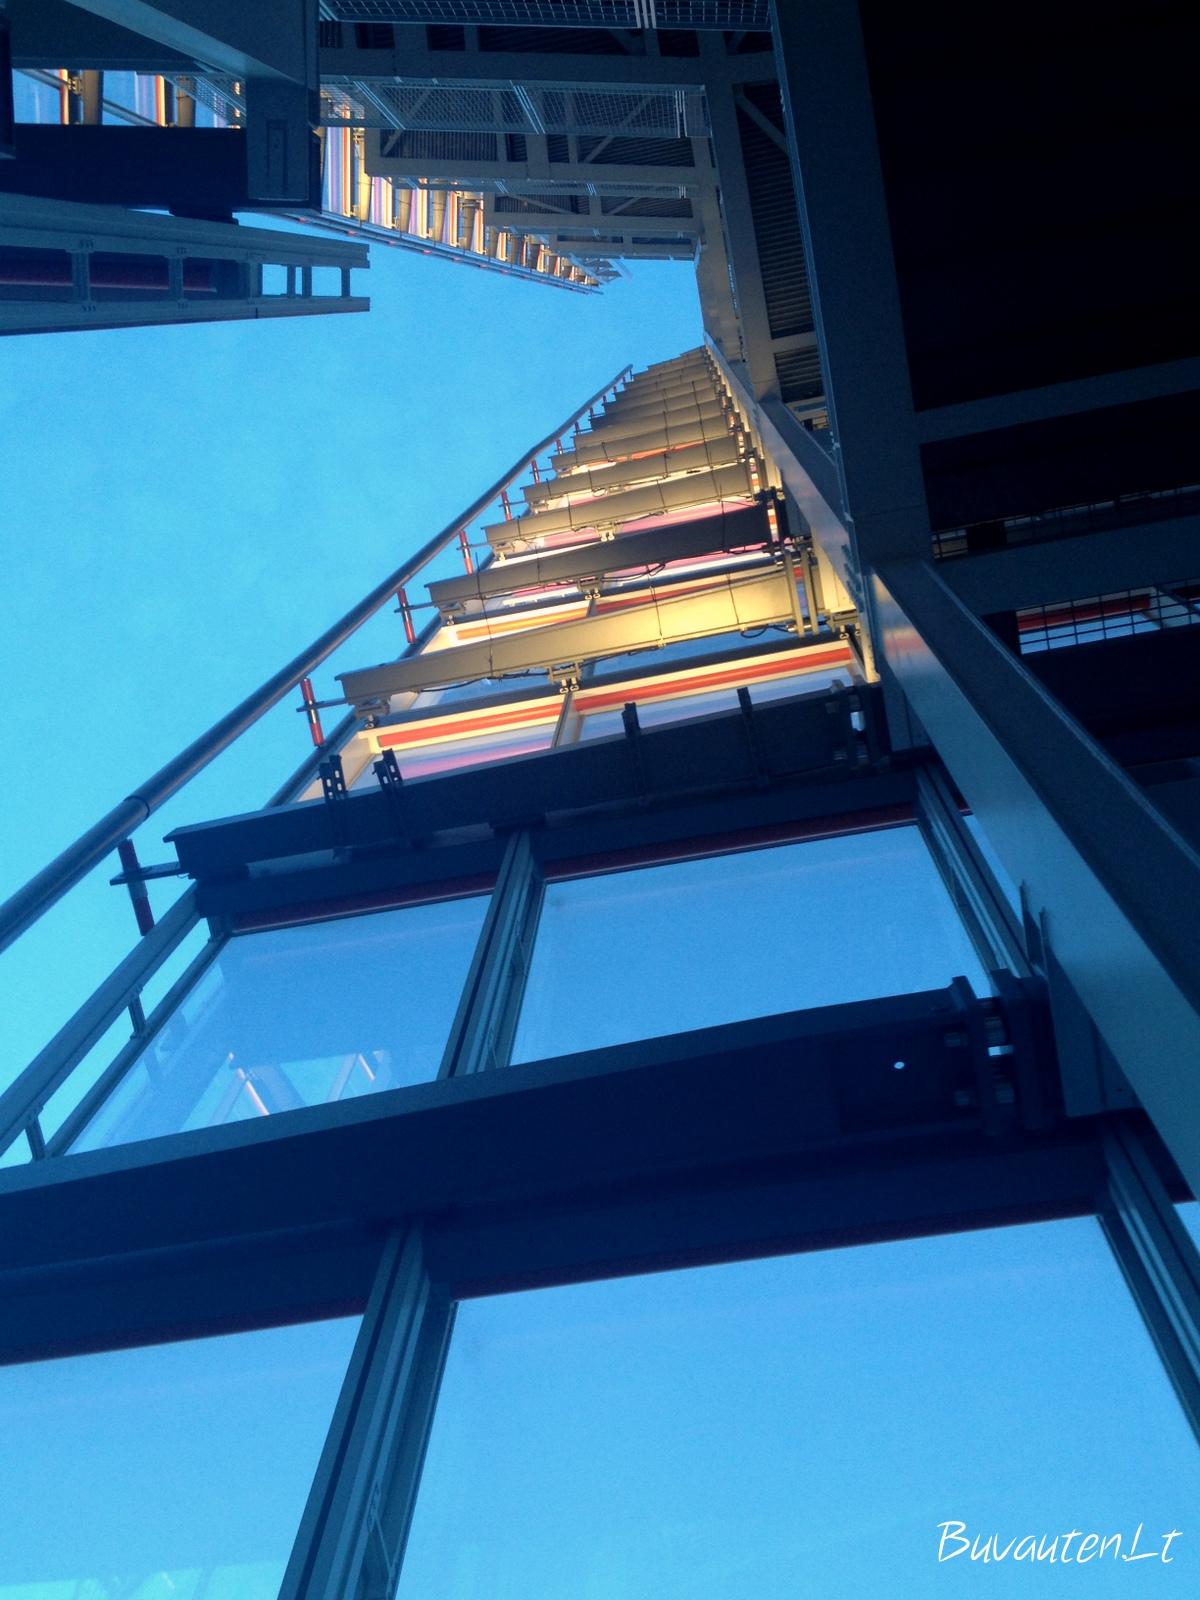 Net nuo 72 aukšto Shardo viršūnę, žiūrint į dangų, sunku įžiūrėti